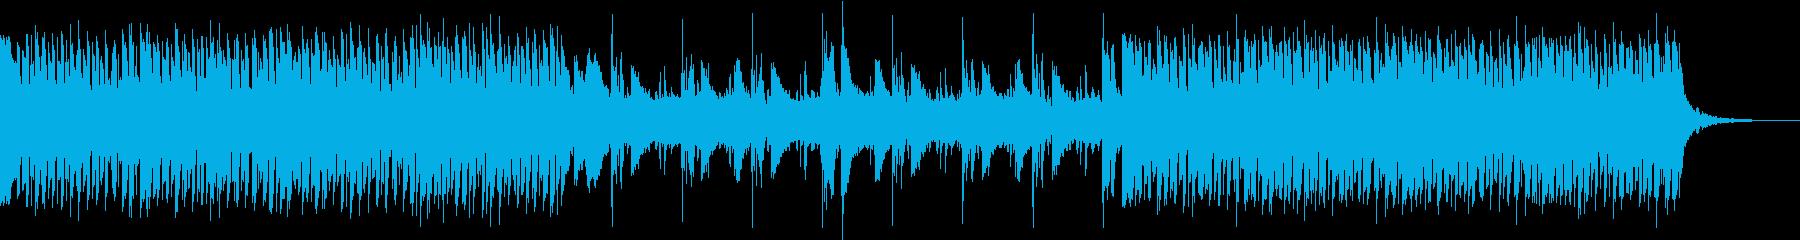 ピアノがクールさを演出する四つ打ち曲の再生済みの波形